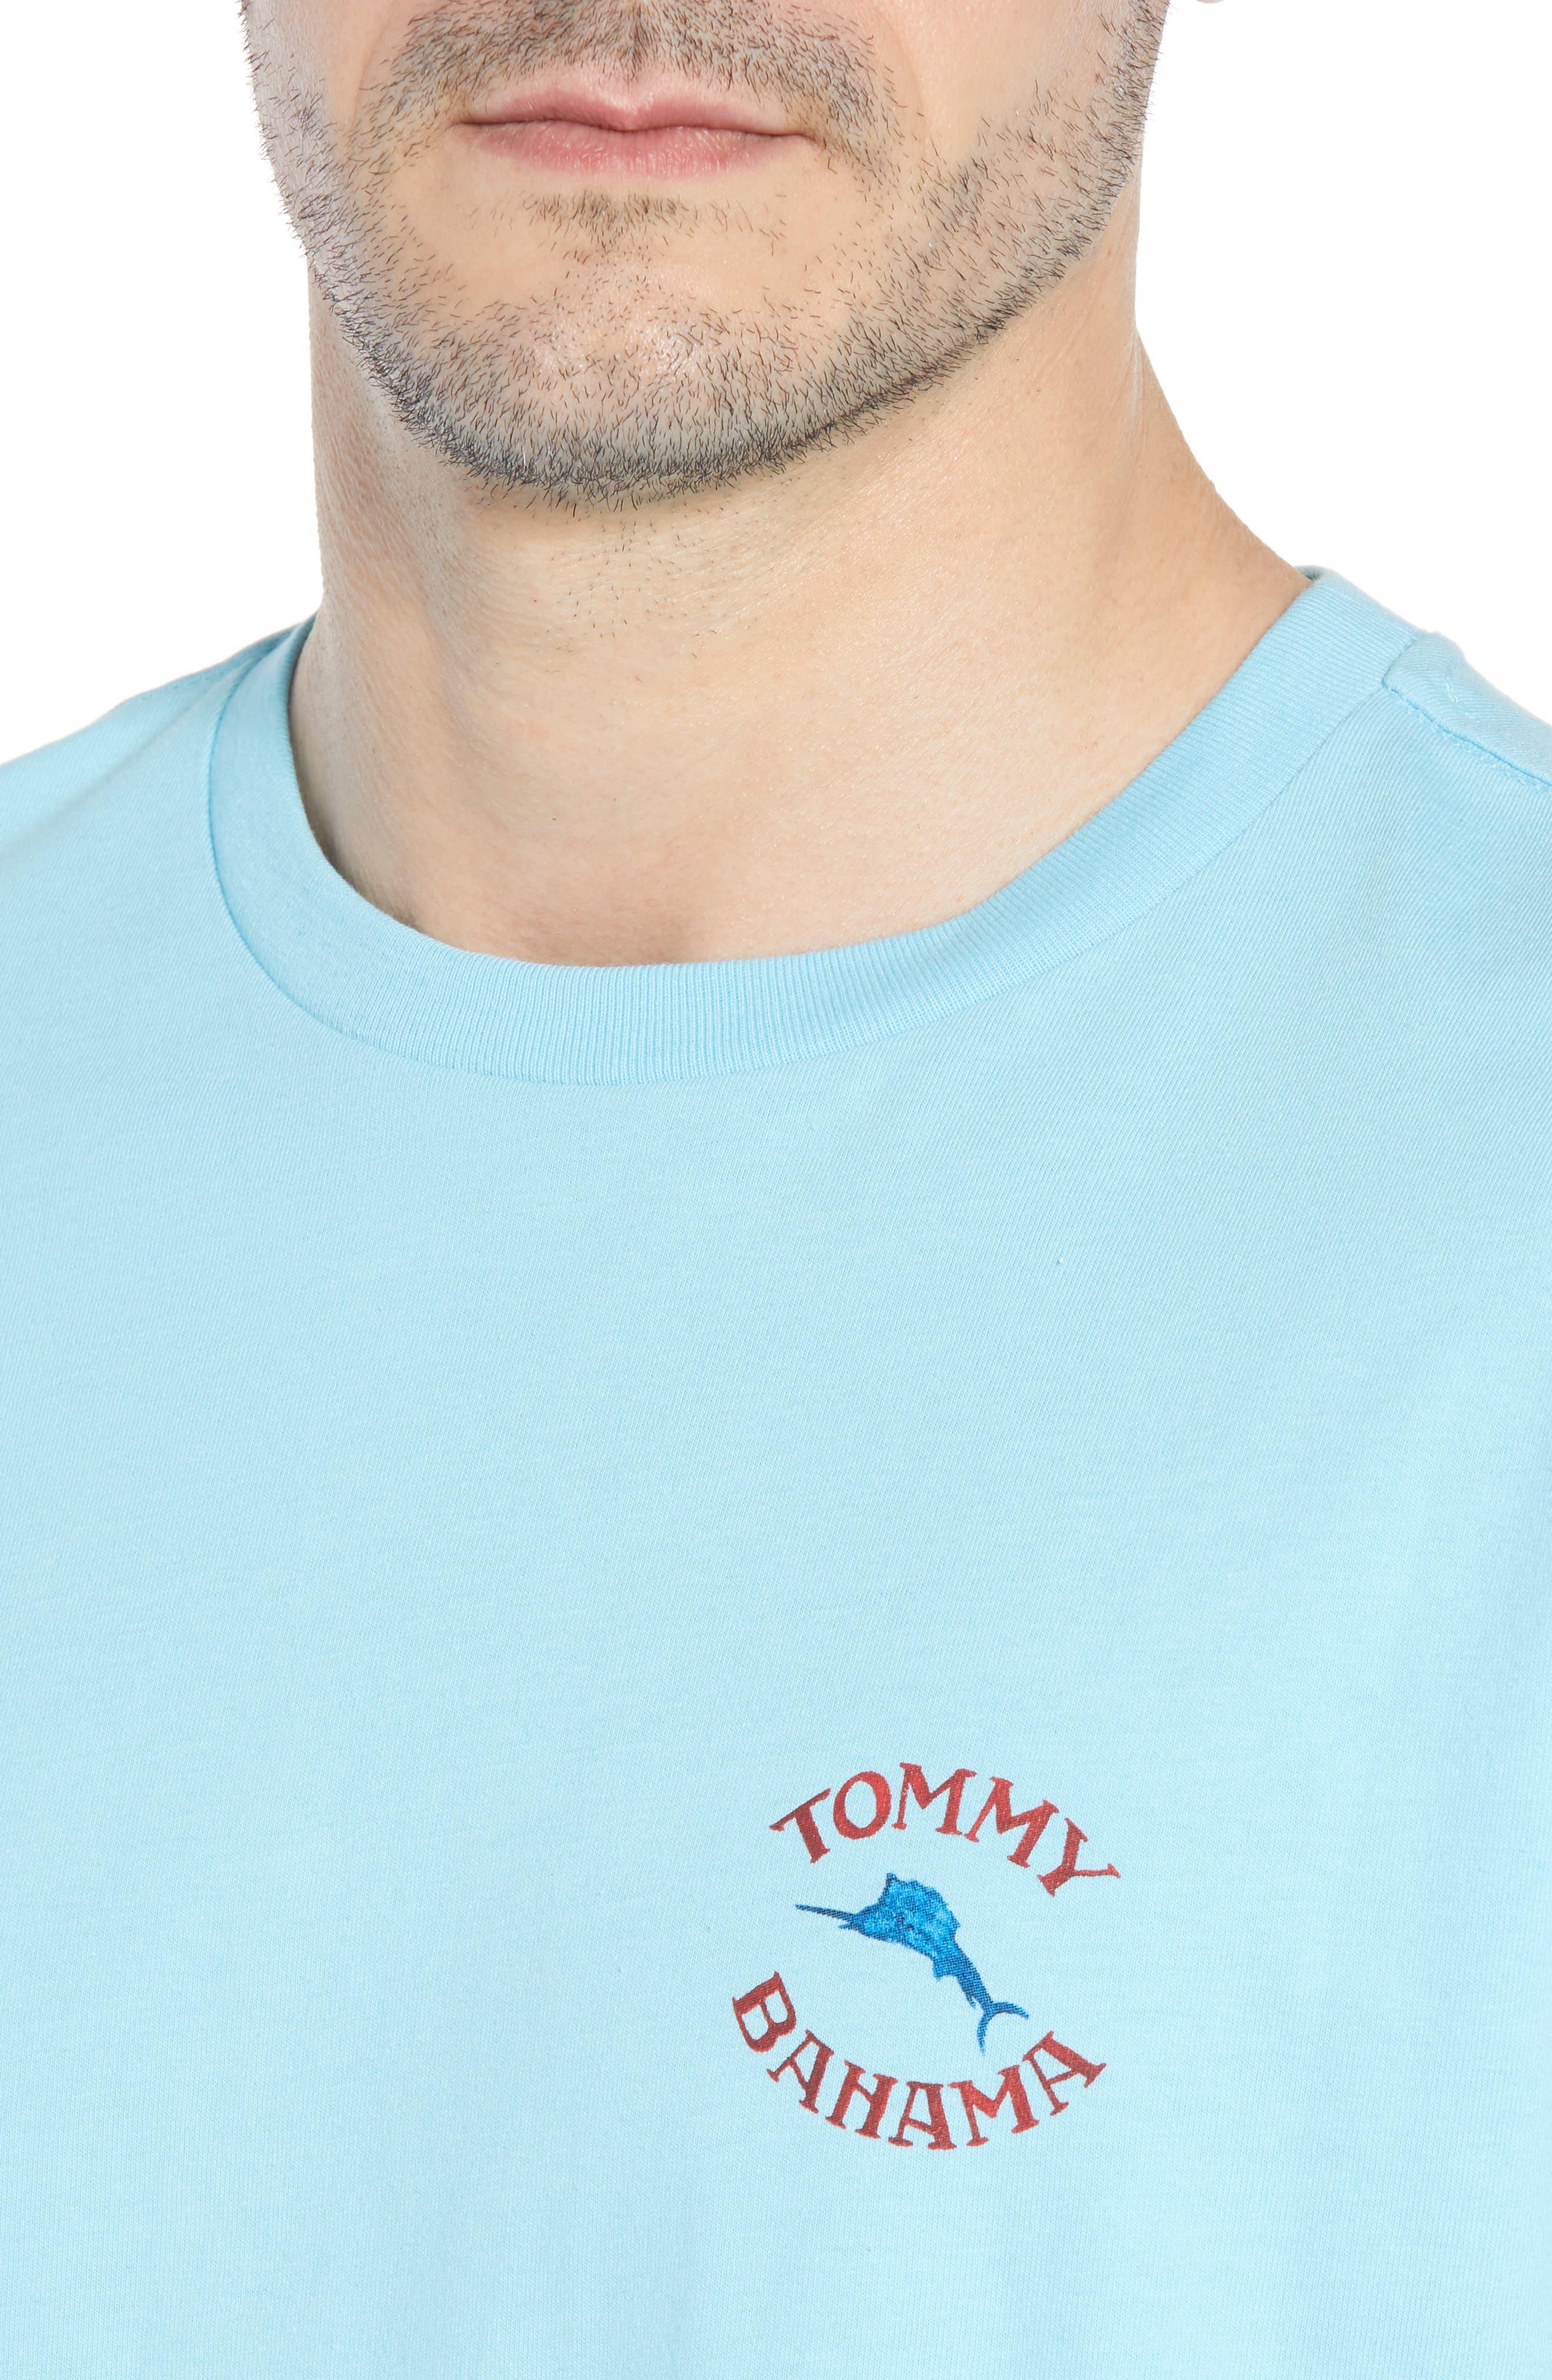 Pail-Eo Diet T-Shirt,                             Alternate thumbnail 4, color,                             Bowtie Blue